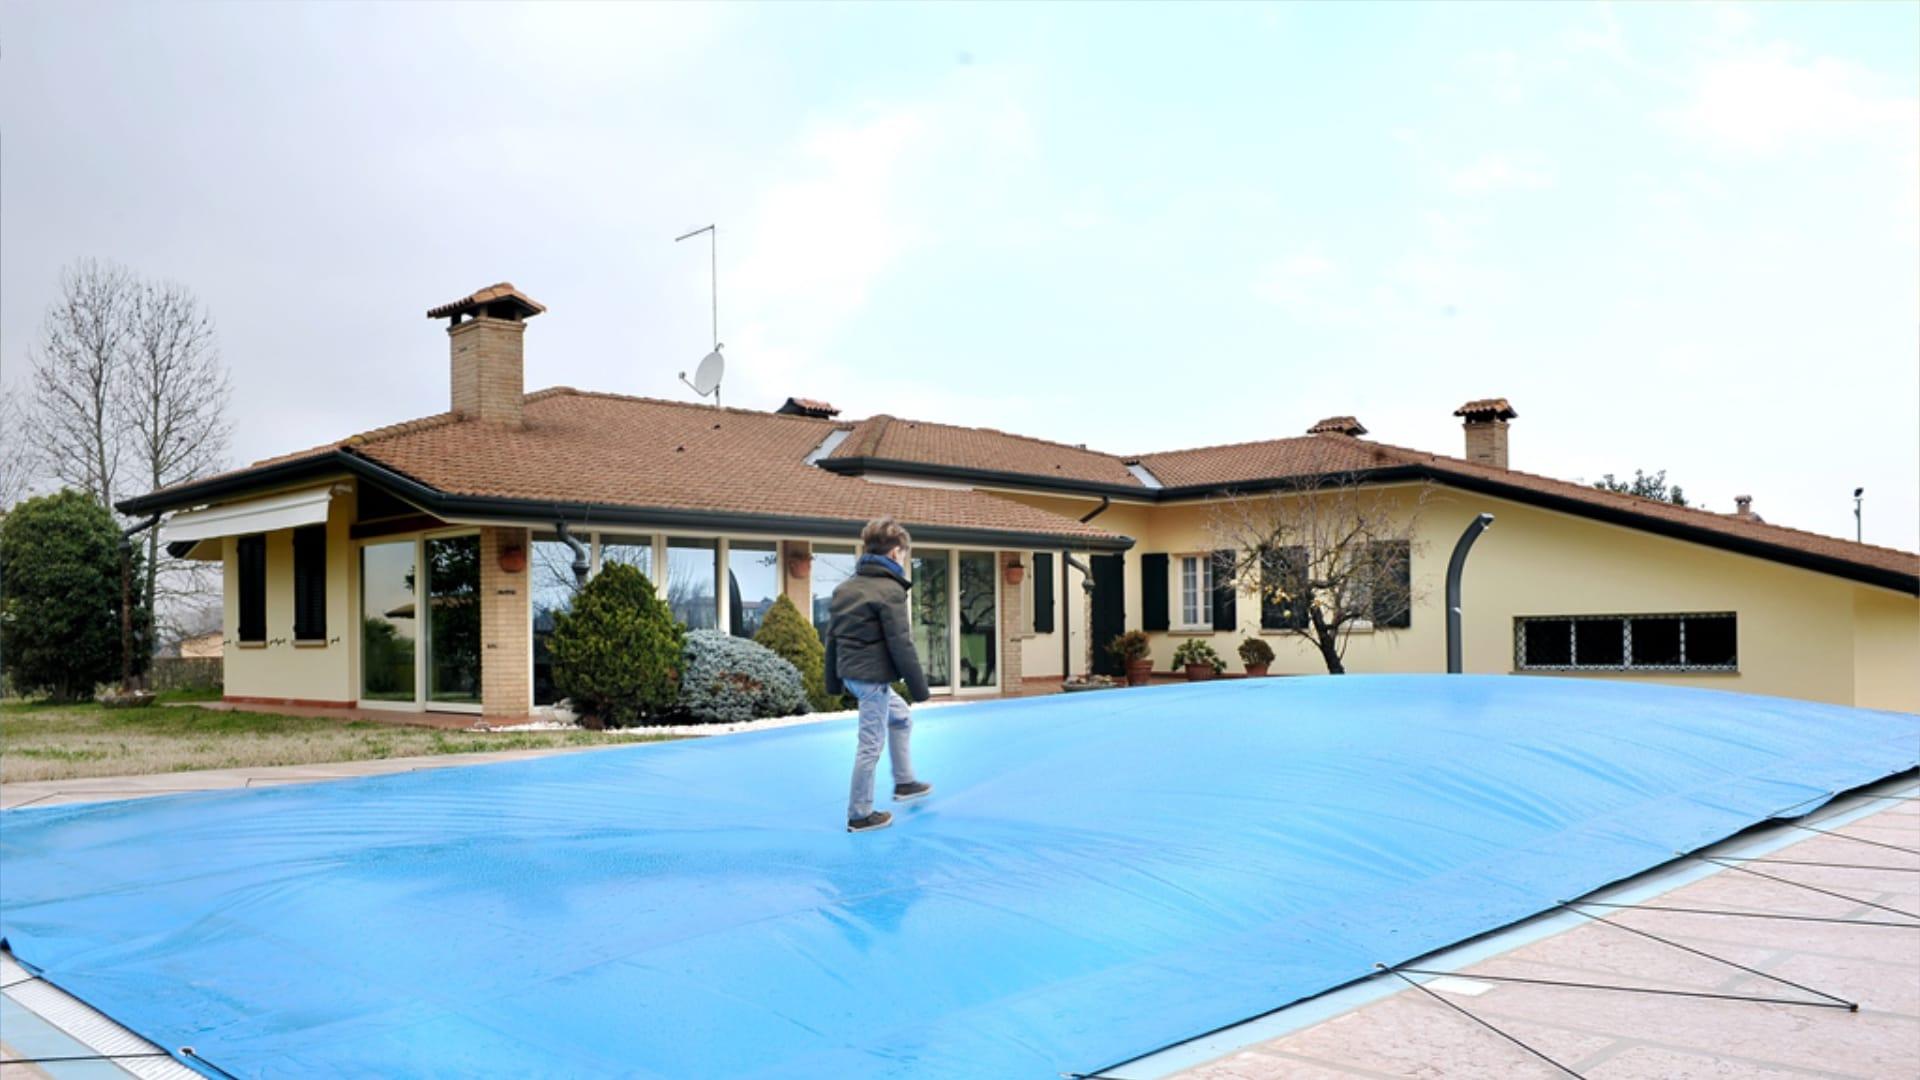 coperture sicurezza proteggere piscina